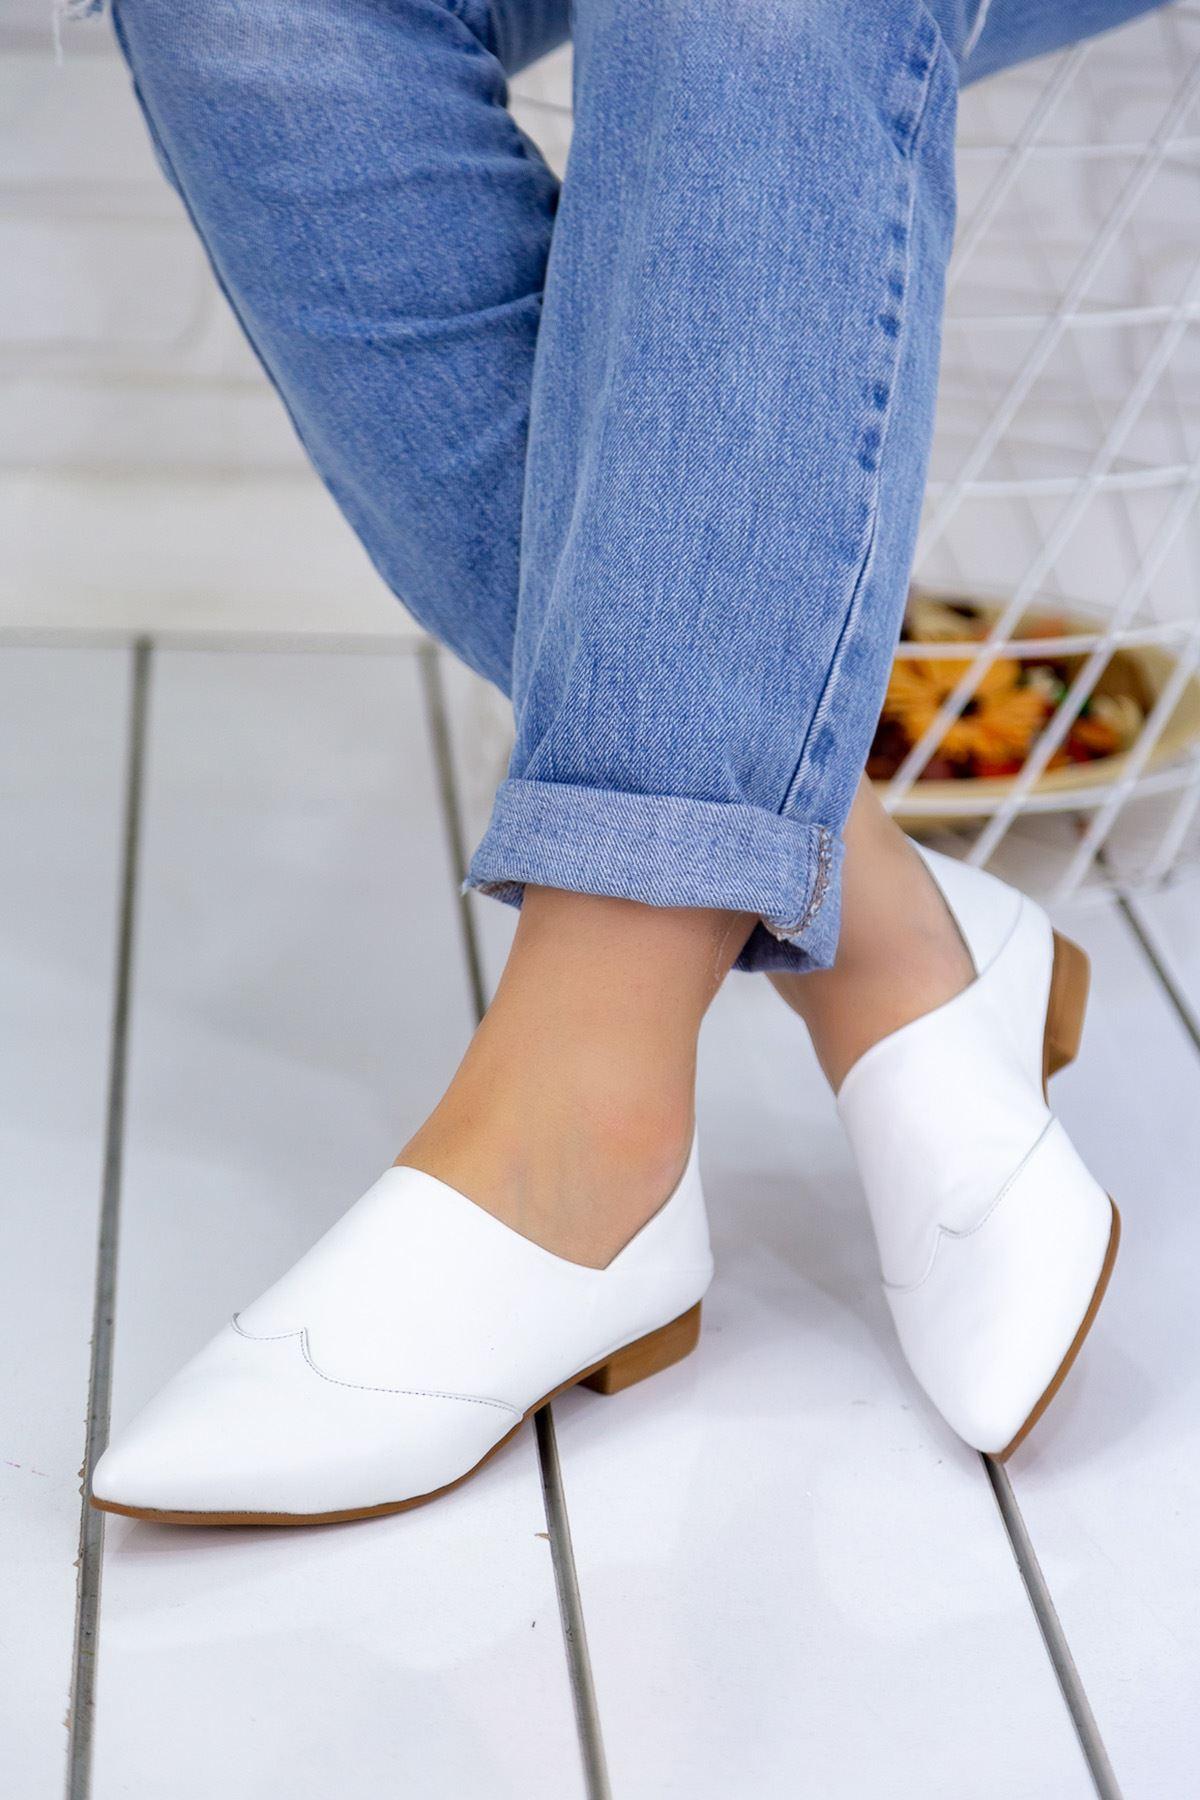 Kalispe Beyaz Hakiki Deri Günlük Babet Bayan Ayakkabı